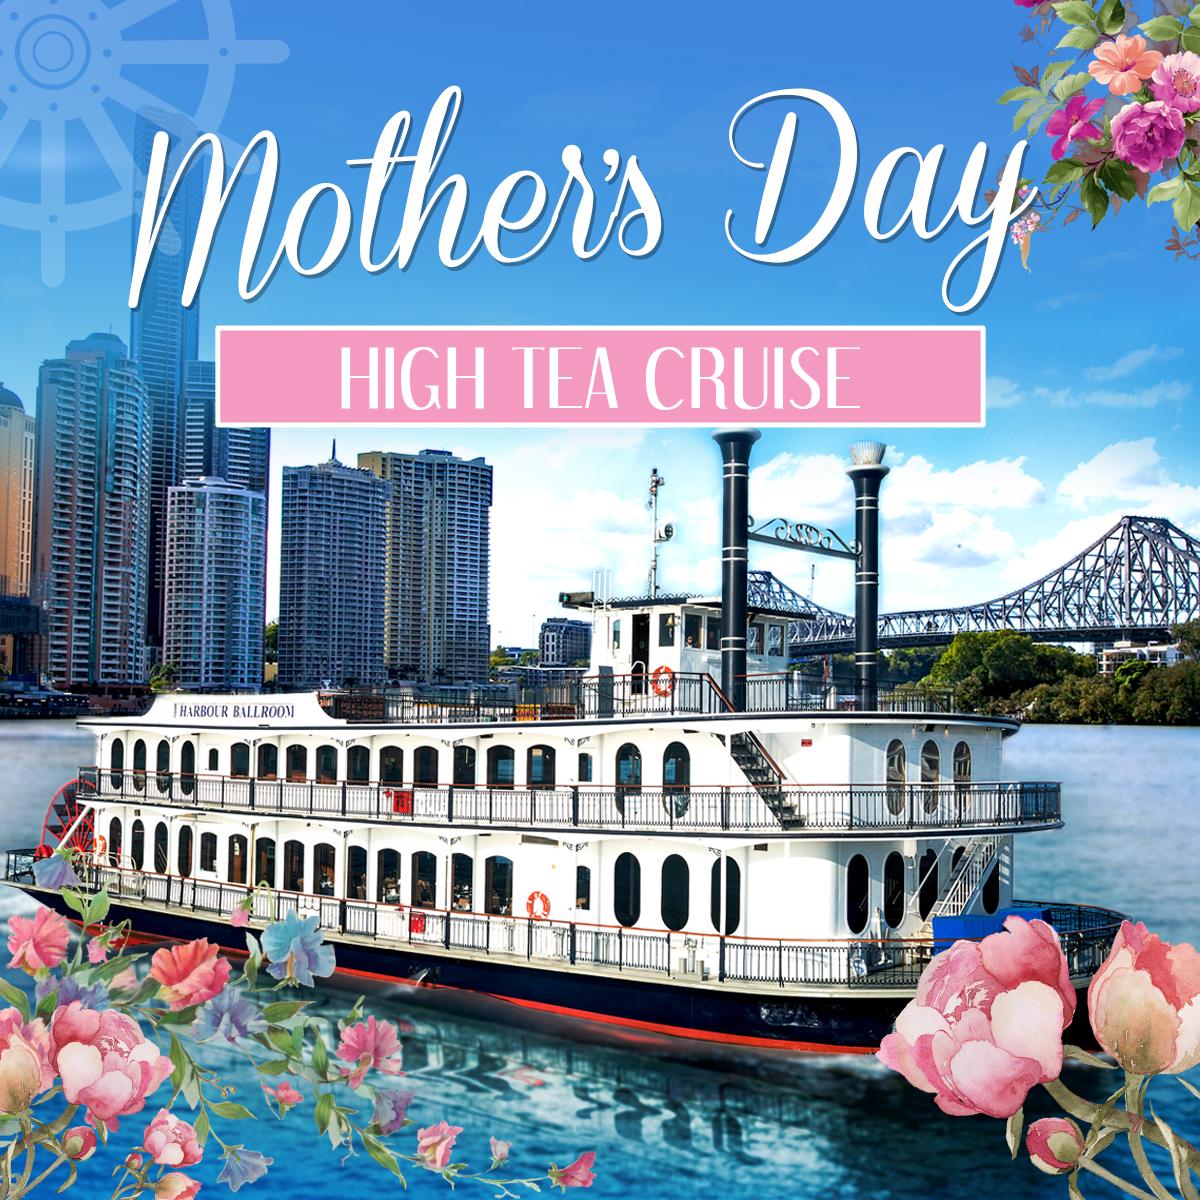 Mothers Day High Tea Cruise on Kookaburra Queen I